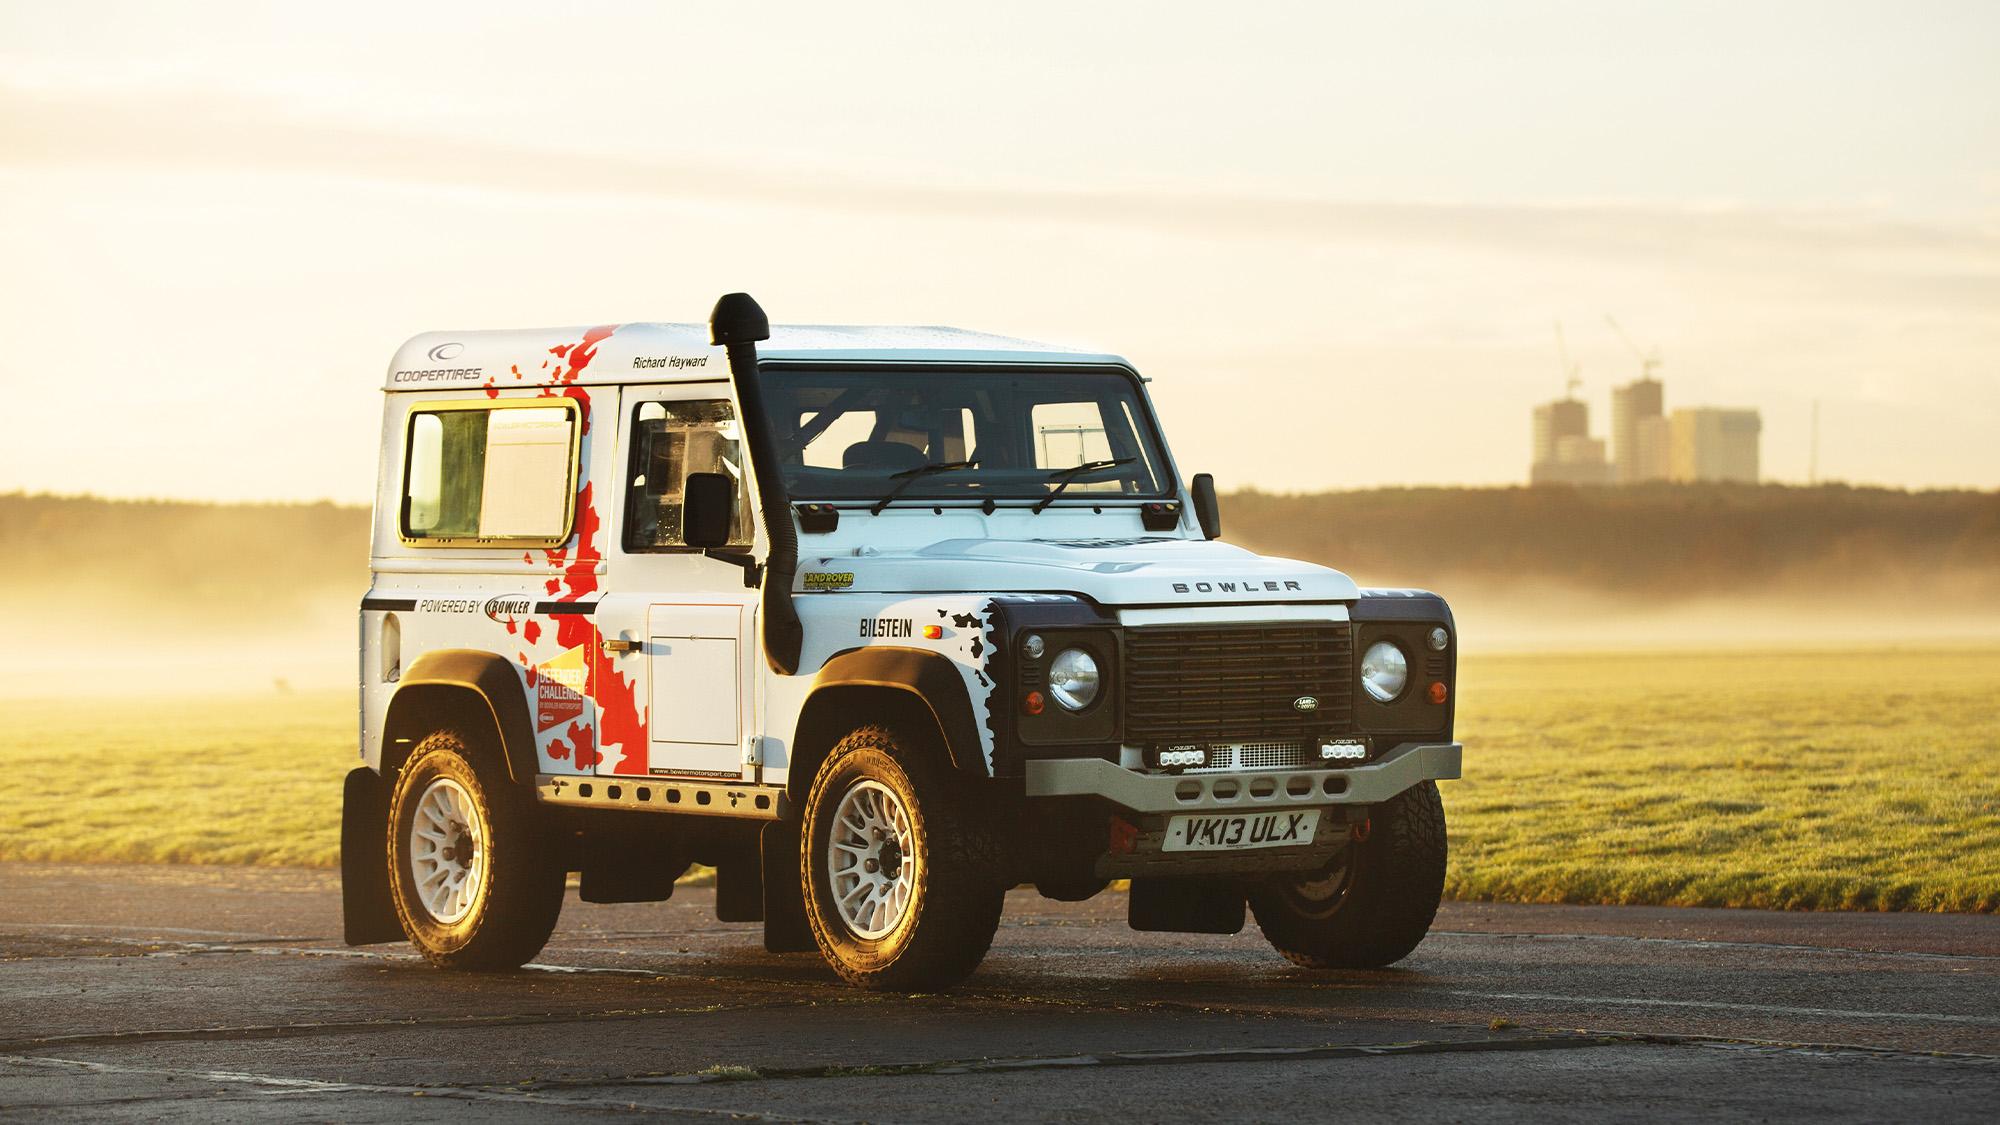 2013 Land Rover Defender 90 Bowler Challenge